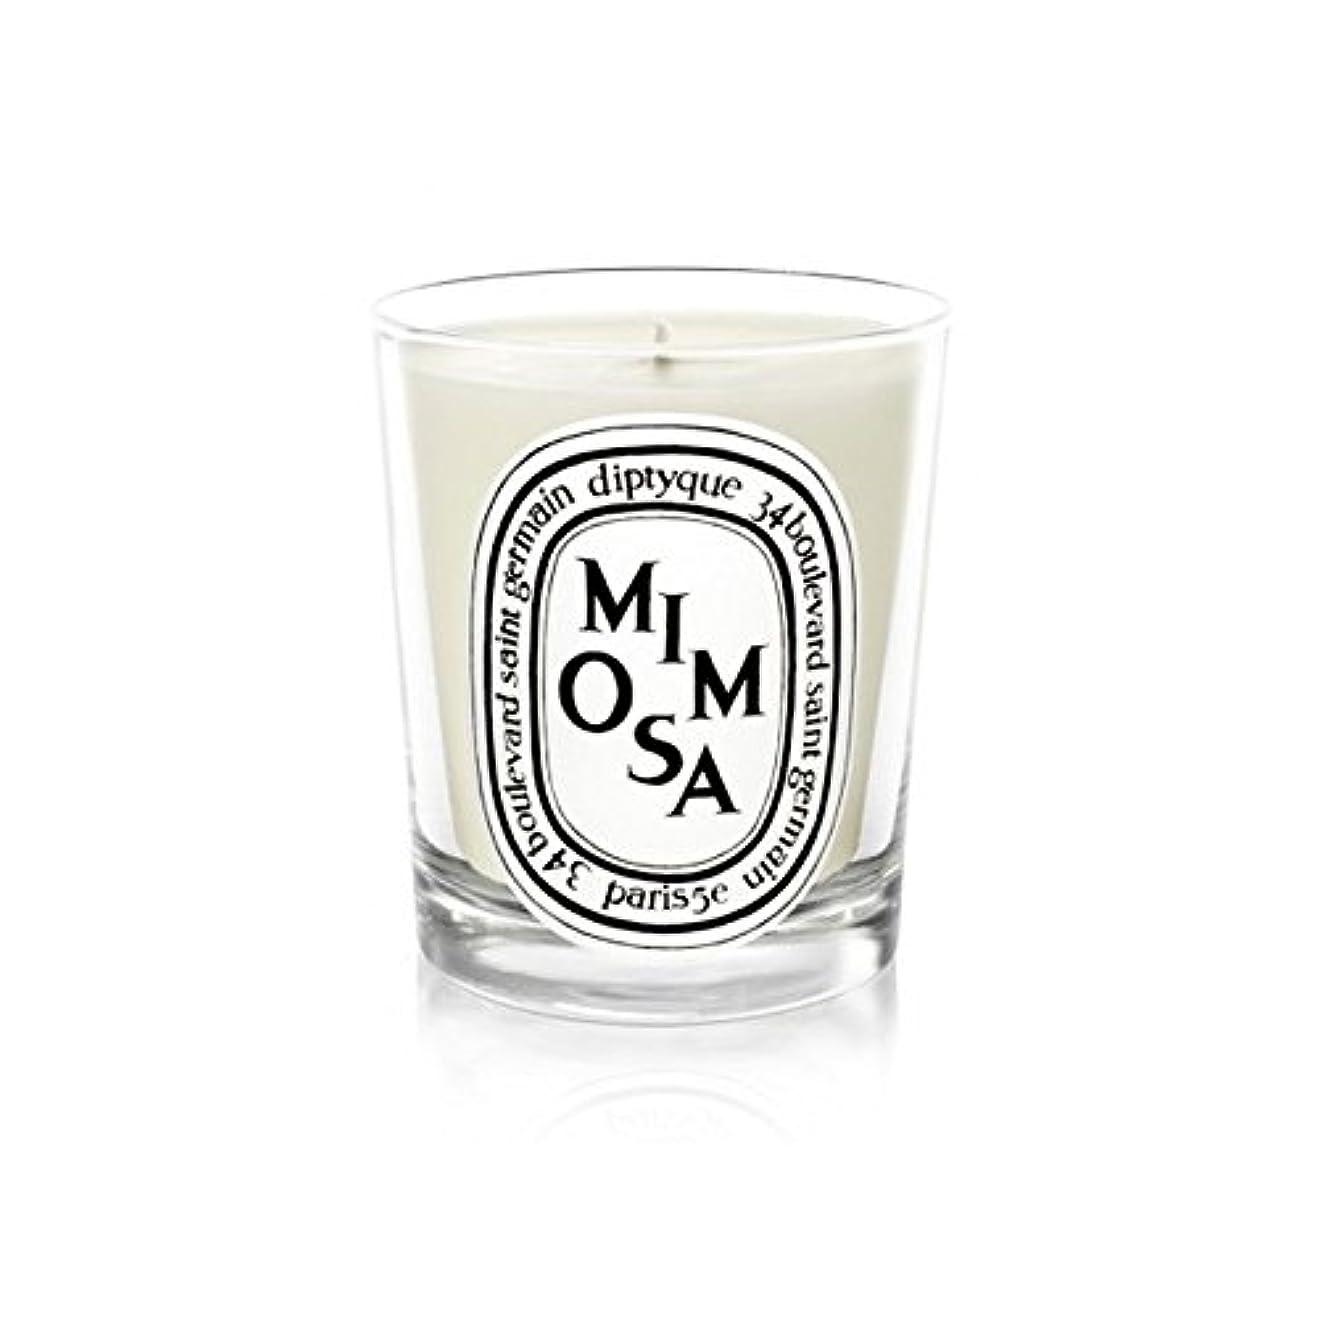 ポンペイ覗く死すべきDiptyqueキャンドルミモザ/ミモザ190グラム - Diptyque Candle Mimosa / Mimosa 190g (Diptyque) [並行輸入品]